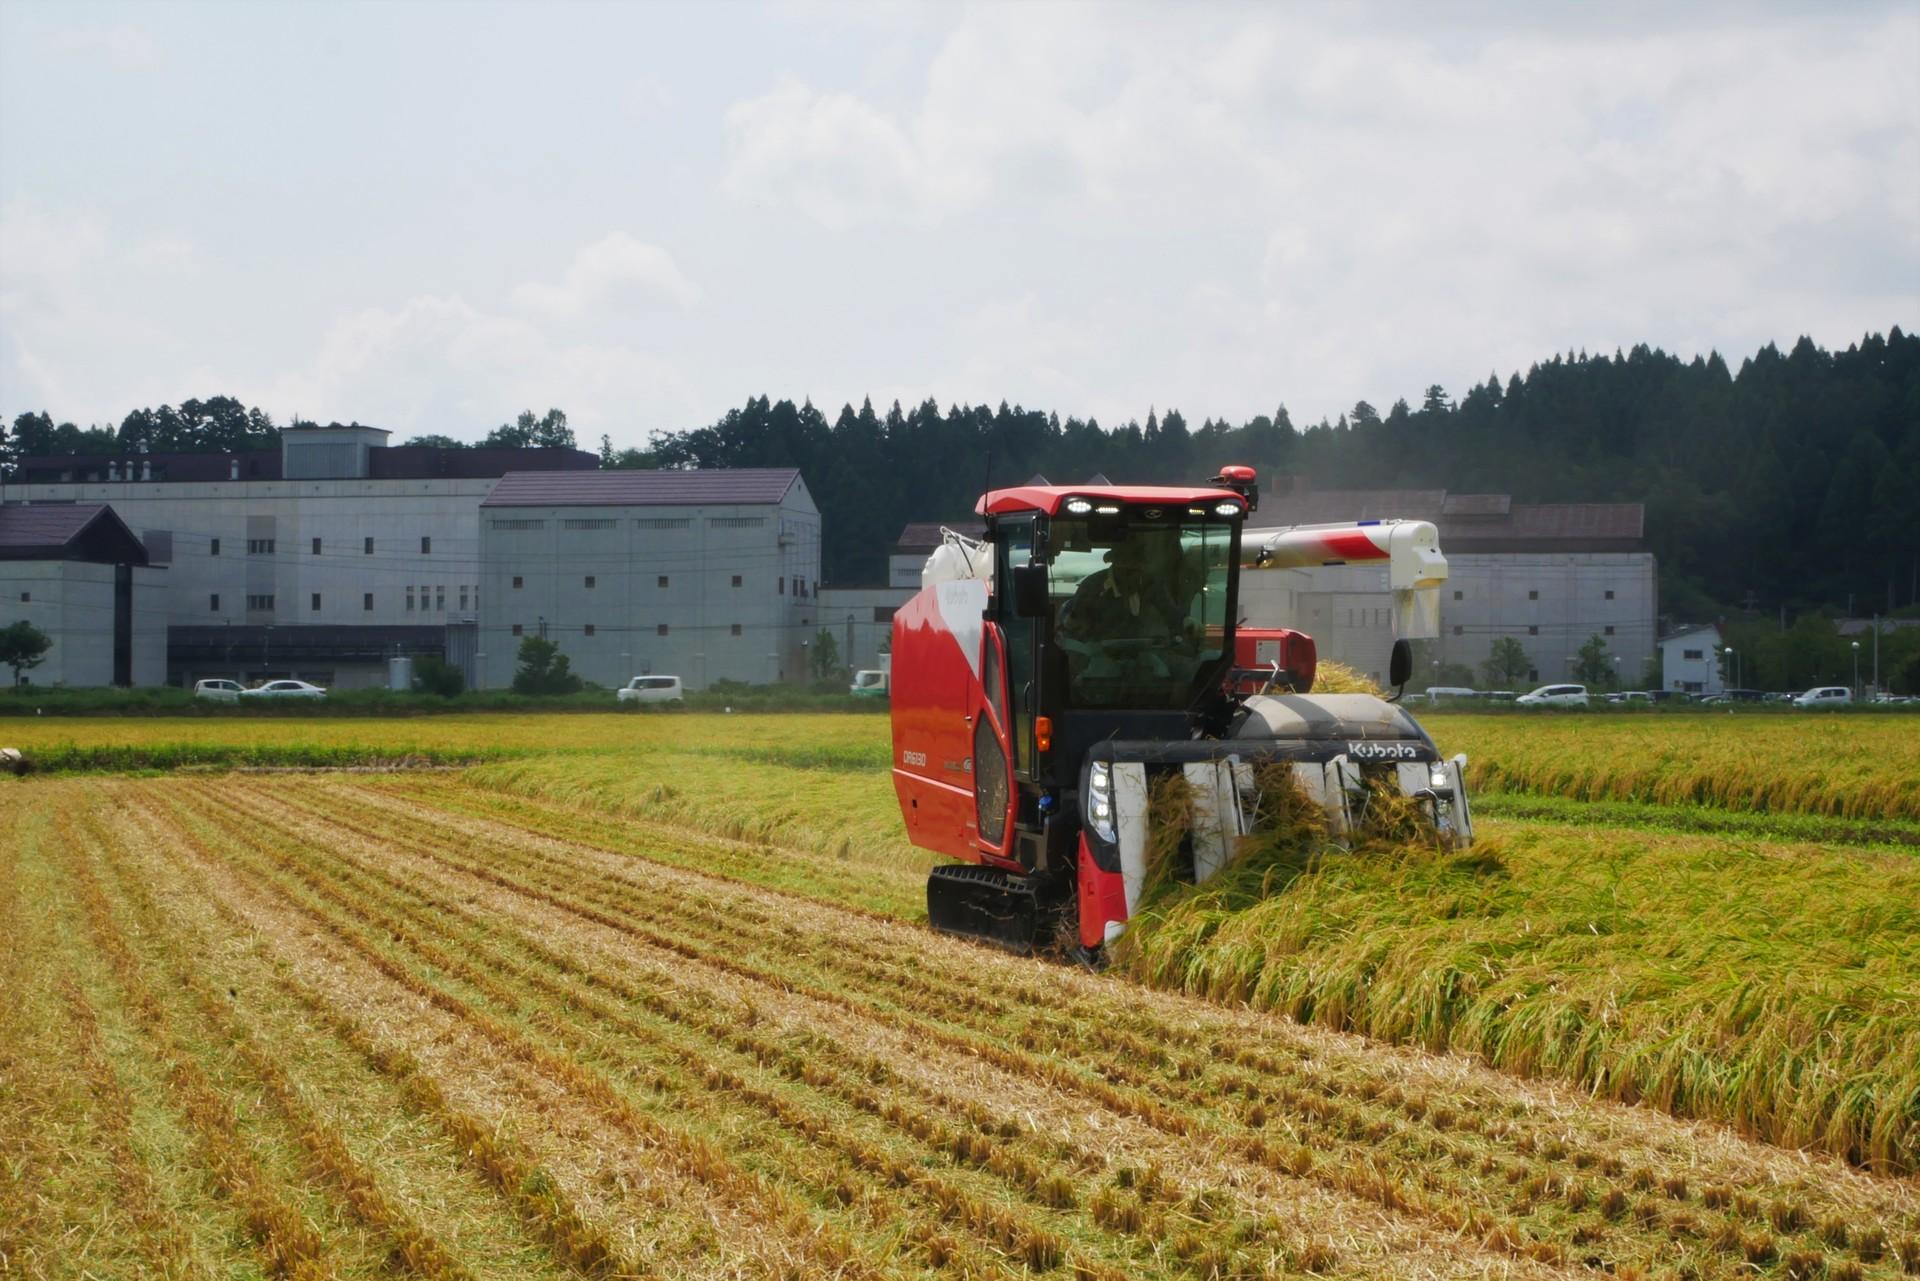 酒造りは、米づくりから。黄金色の世界のなか、稲刈りがスタート